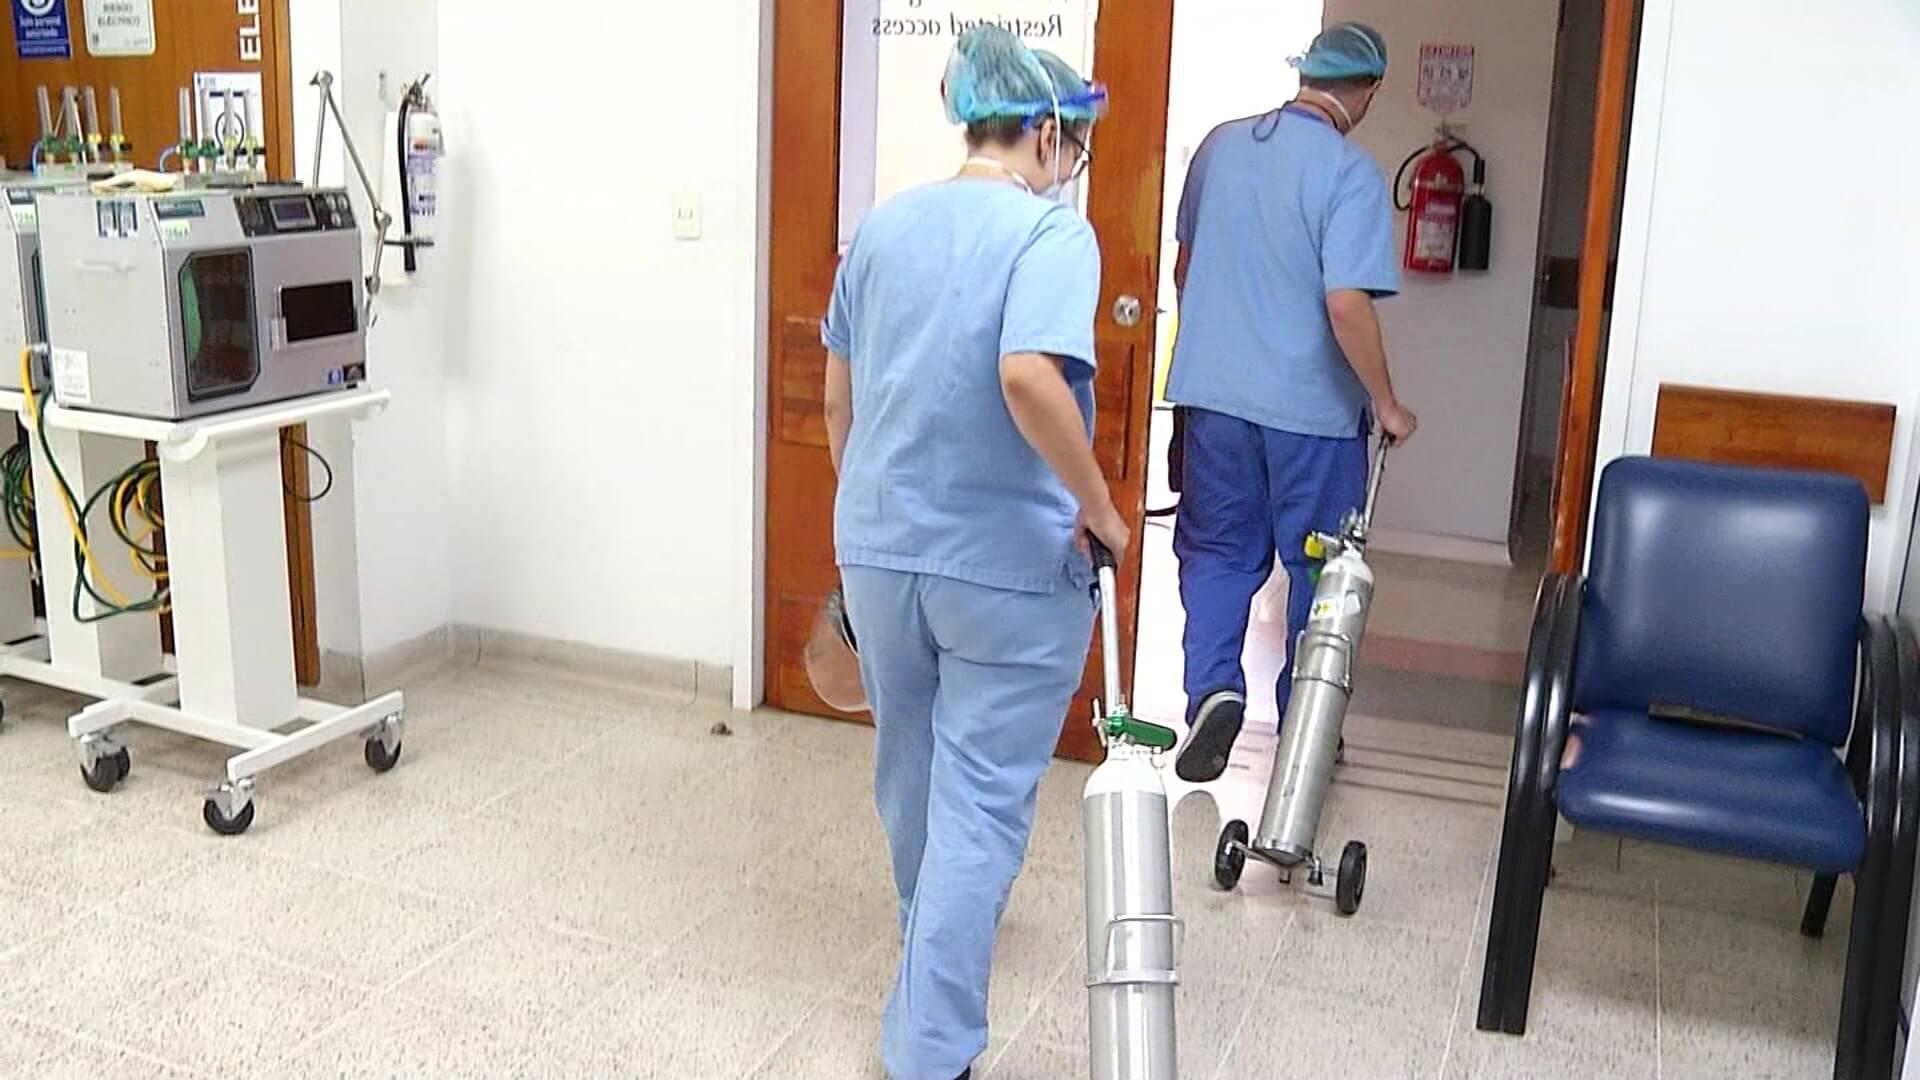 Preocupación ante alta demanda de oxígeno hospitalario